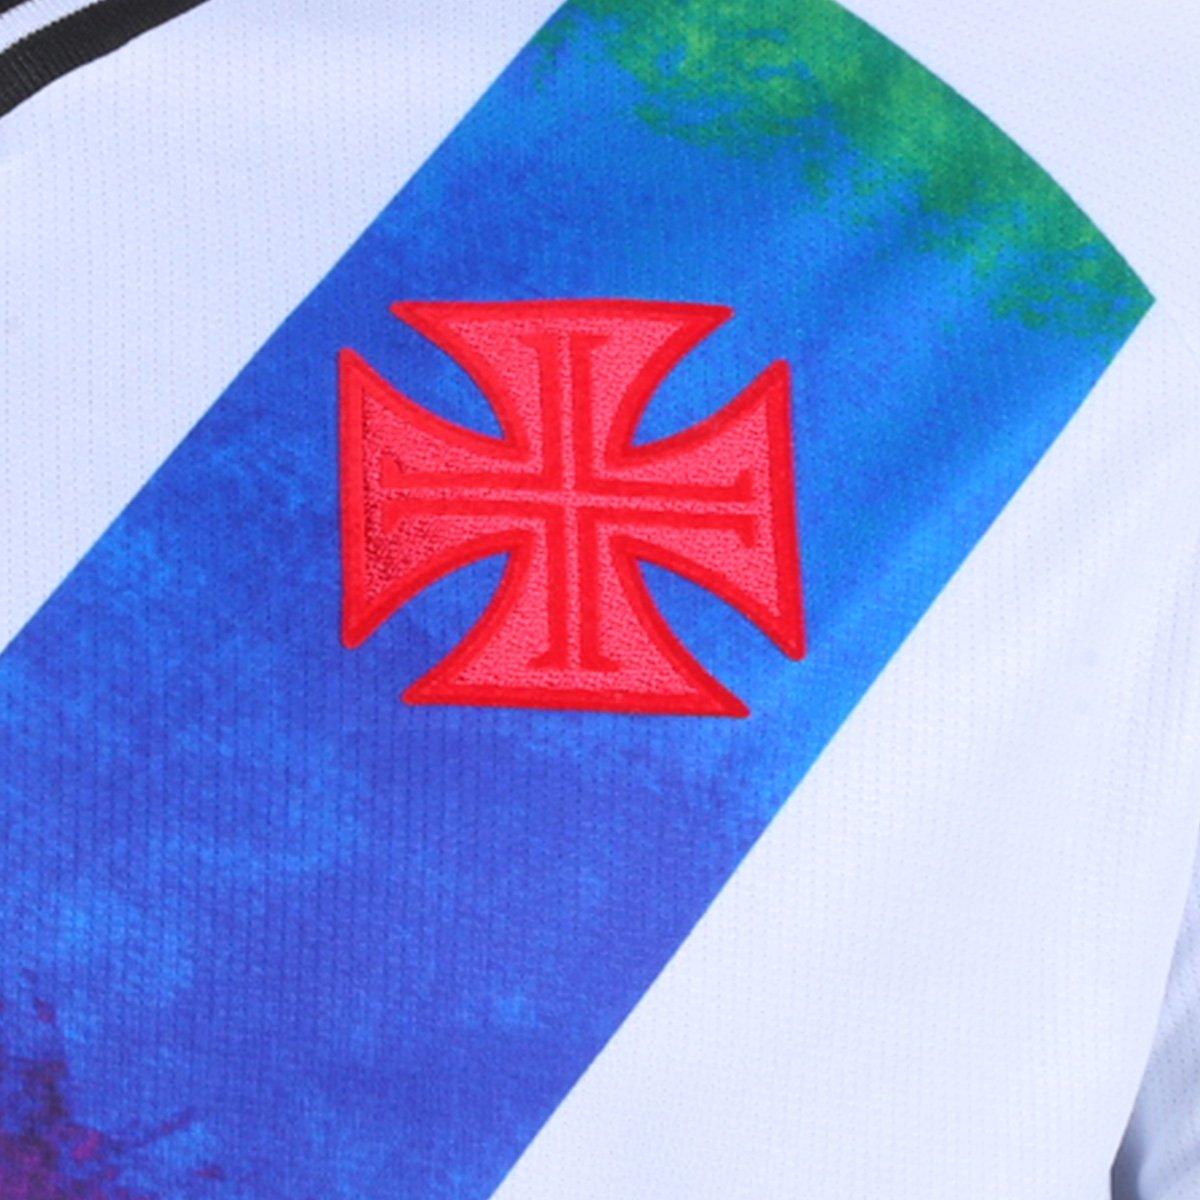 Camisa Kappa Vasco da Gama Jogo Edição Limitada Orgulho Lgbt